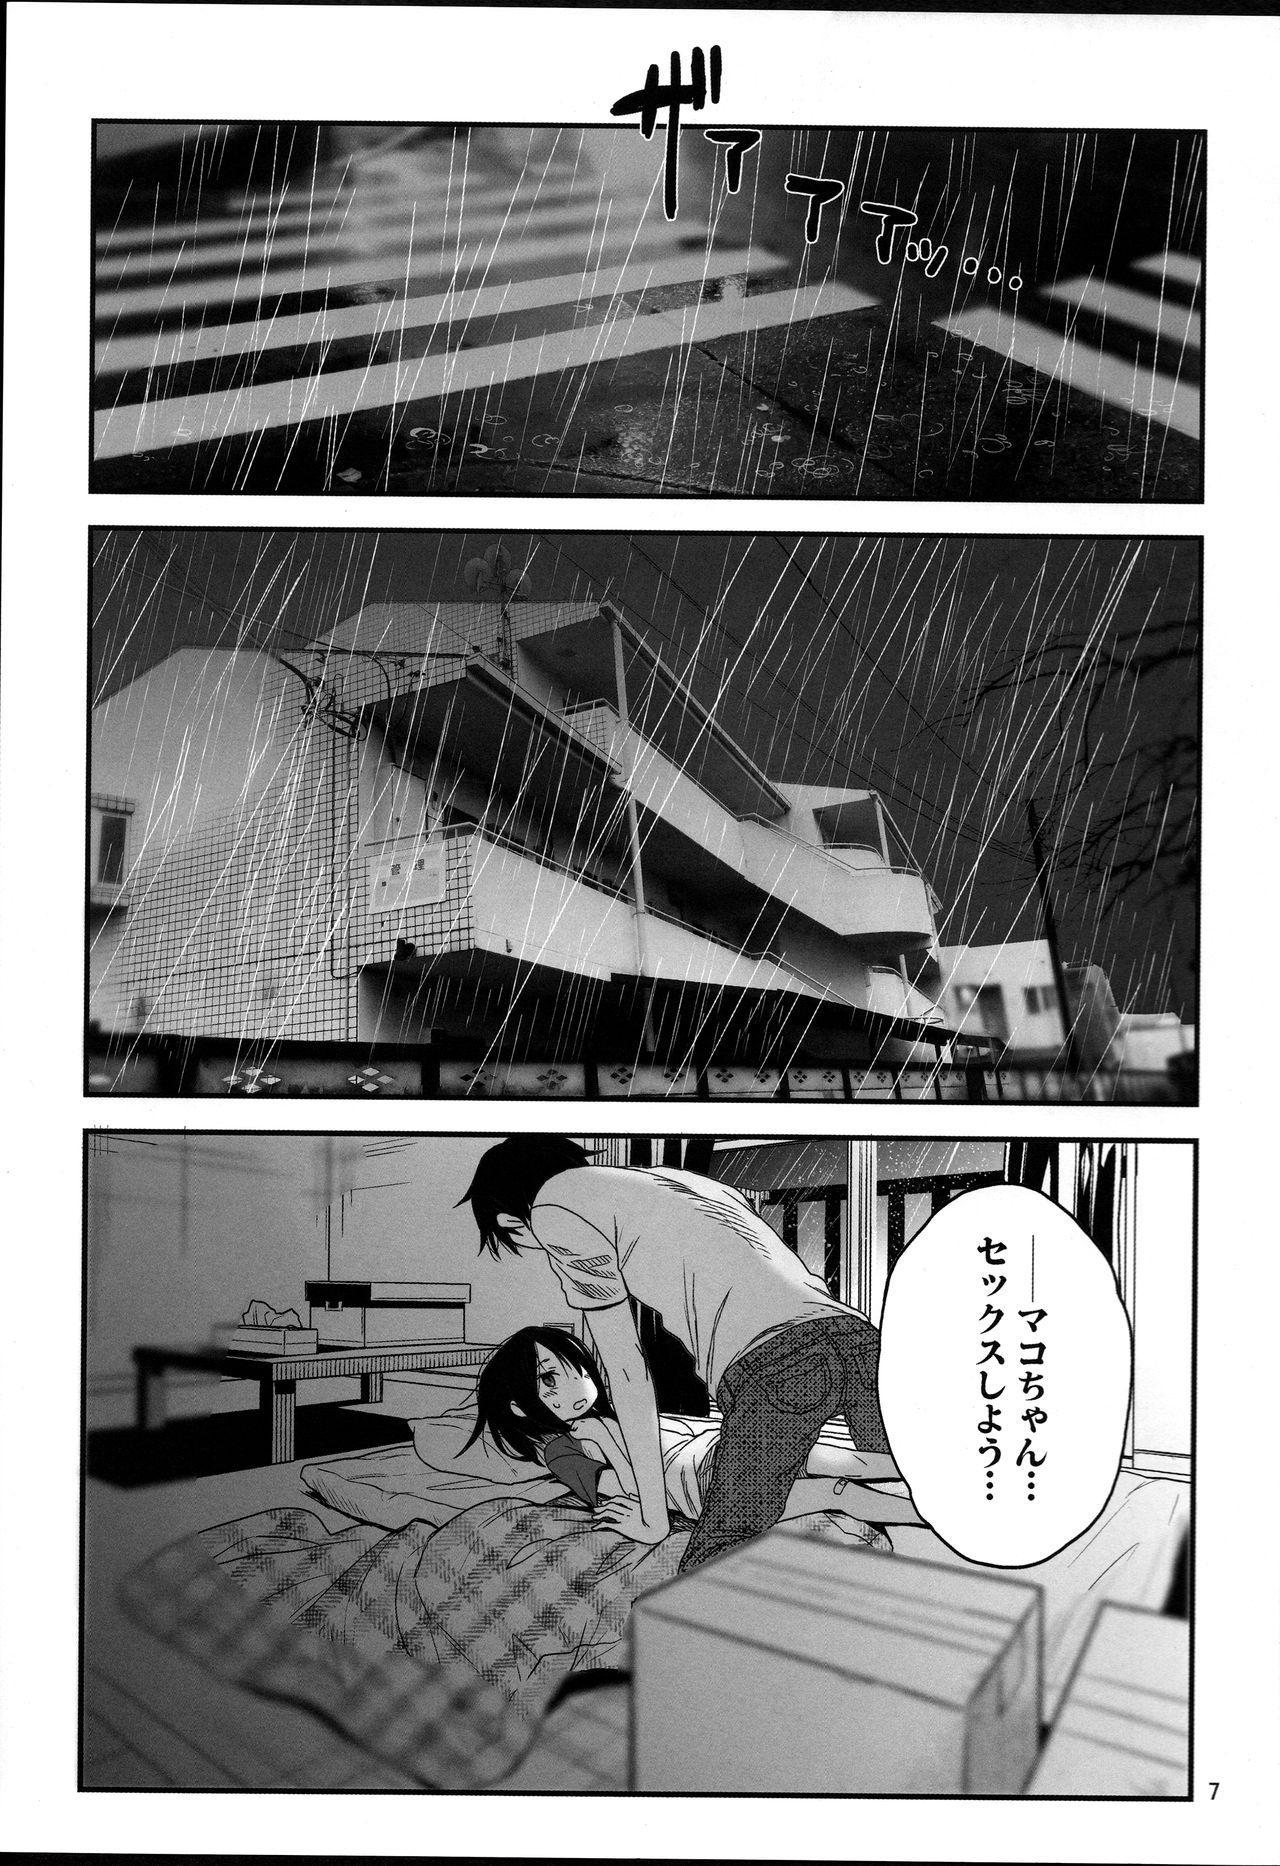 Tonari no Mako-chan Vol. 3 6